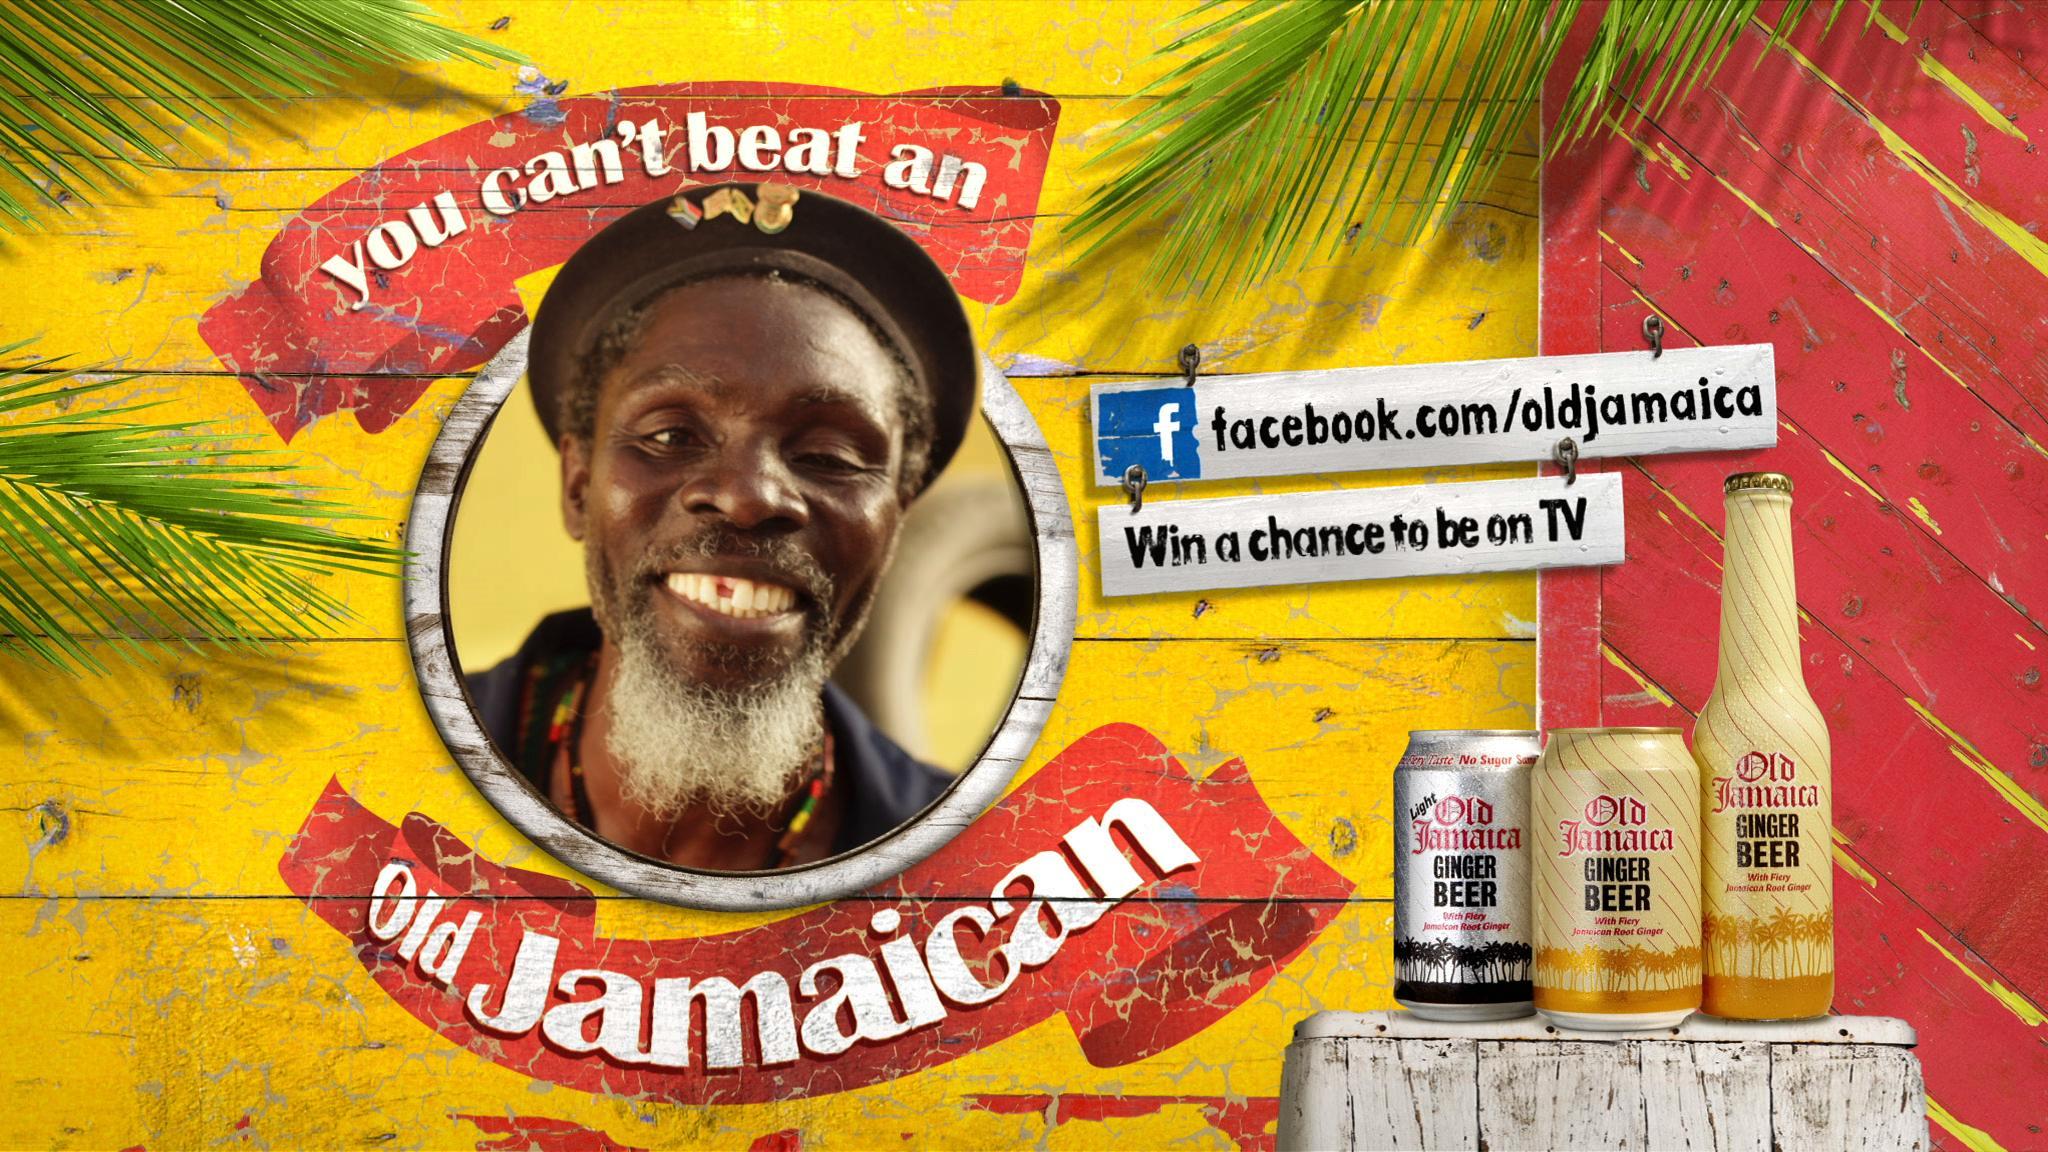 Piwo korzenne Old Jamaica - banner